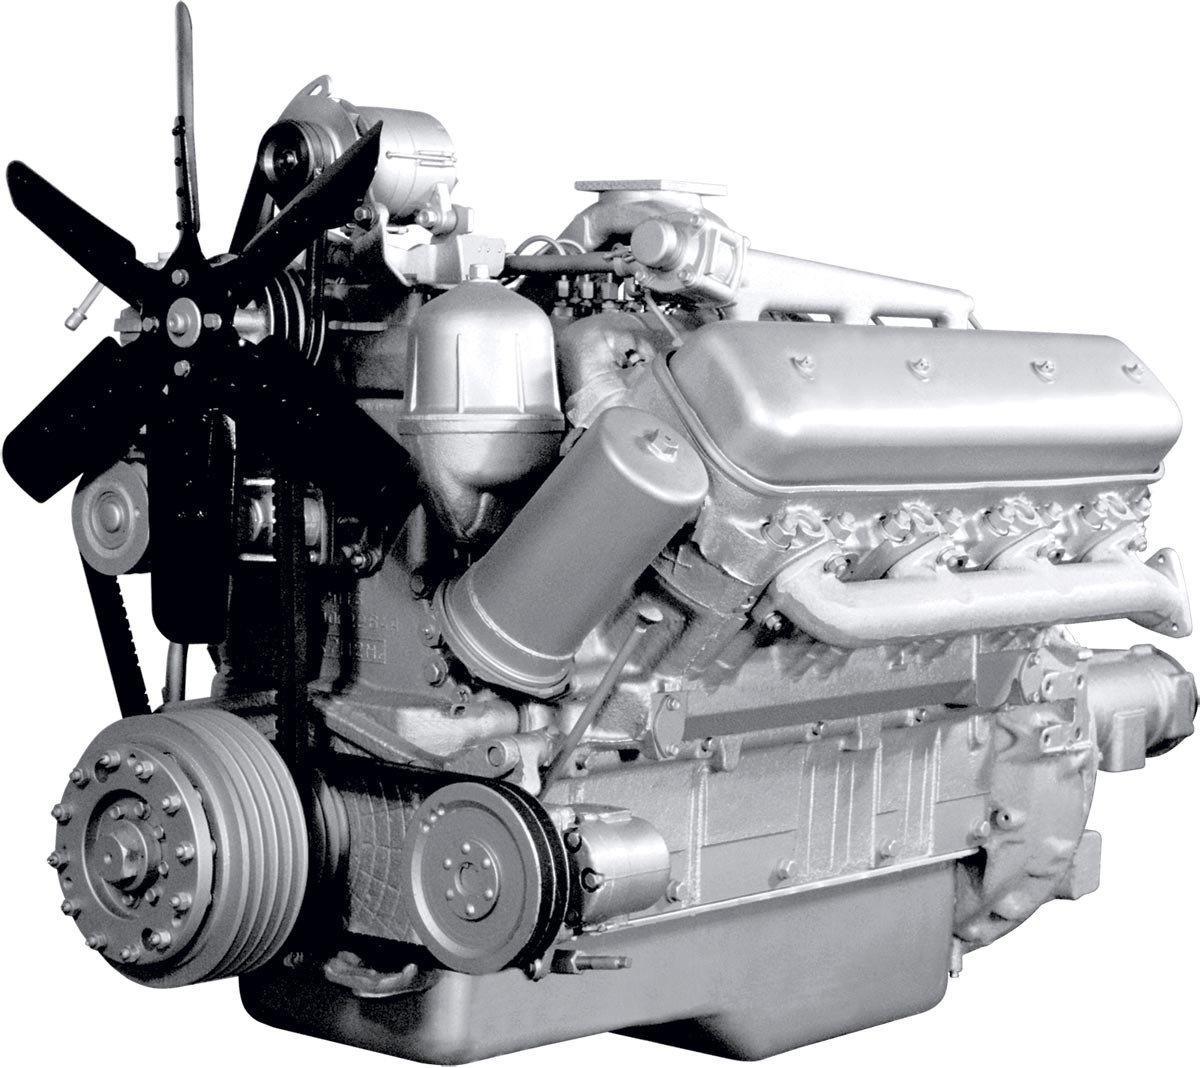 Двигатель ЯМЗ 240НМ2-1 в сб. без КПП и сцепл. (пр-во ЯМЗ)